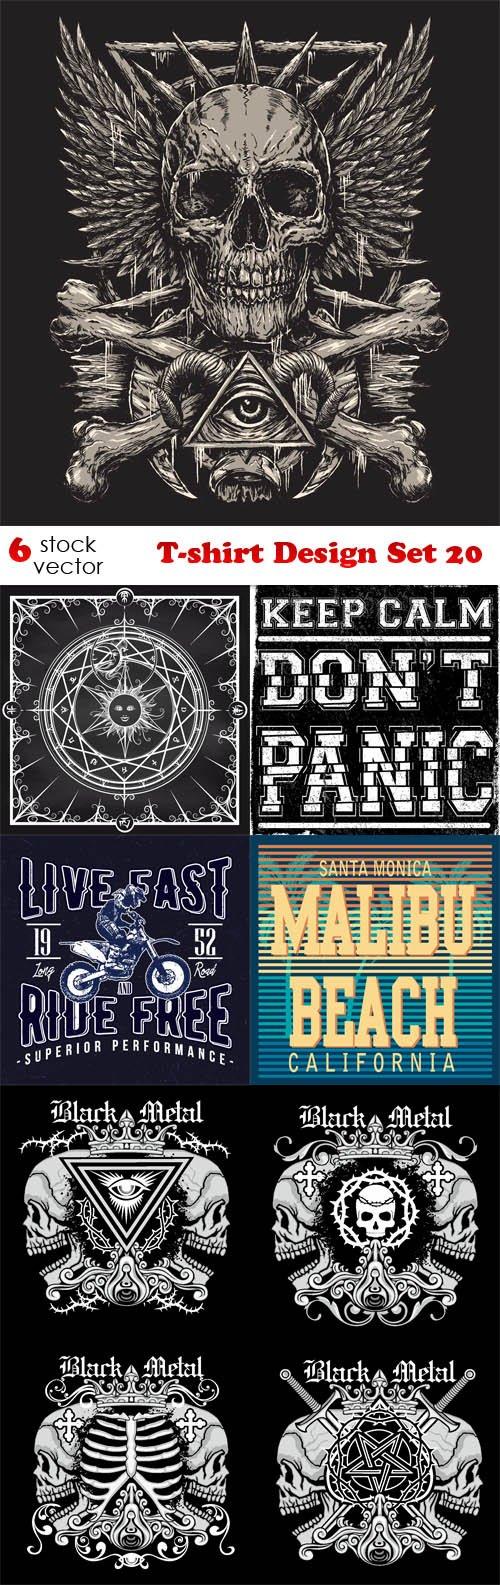 Vectors - T-shirt Design Set 20